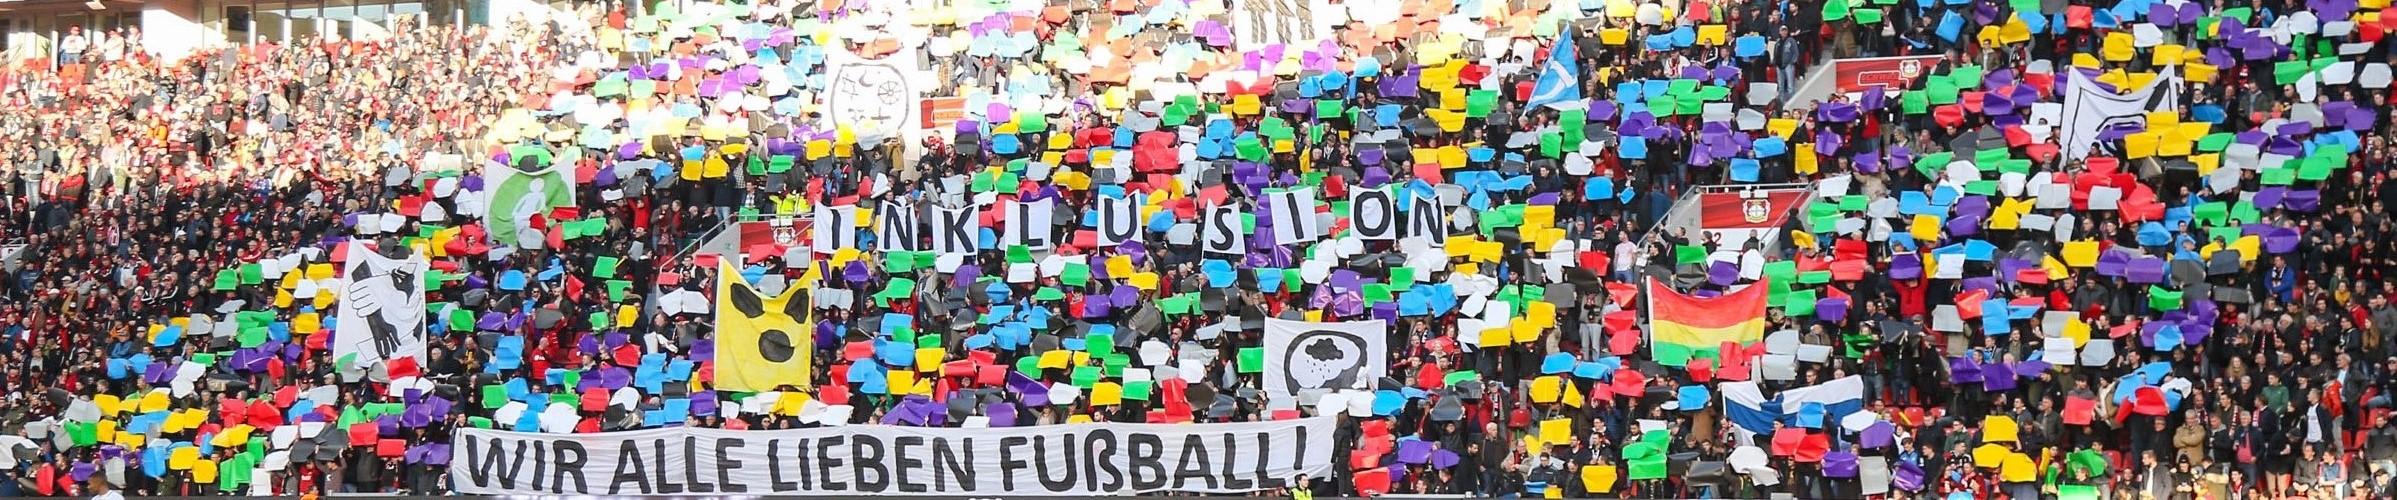 Choreographie Inklusion von Bayer 04 Leverkusen: Viele bunte Fahnen, selbst gestaltete Symbole zu Inklusion und Schriftzug: Inklusion wir alle lieben Fußball werden hochgehalten.